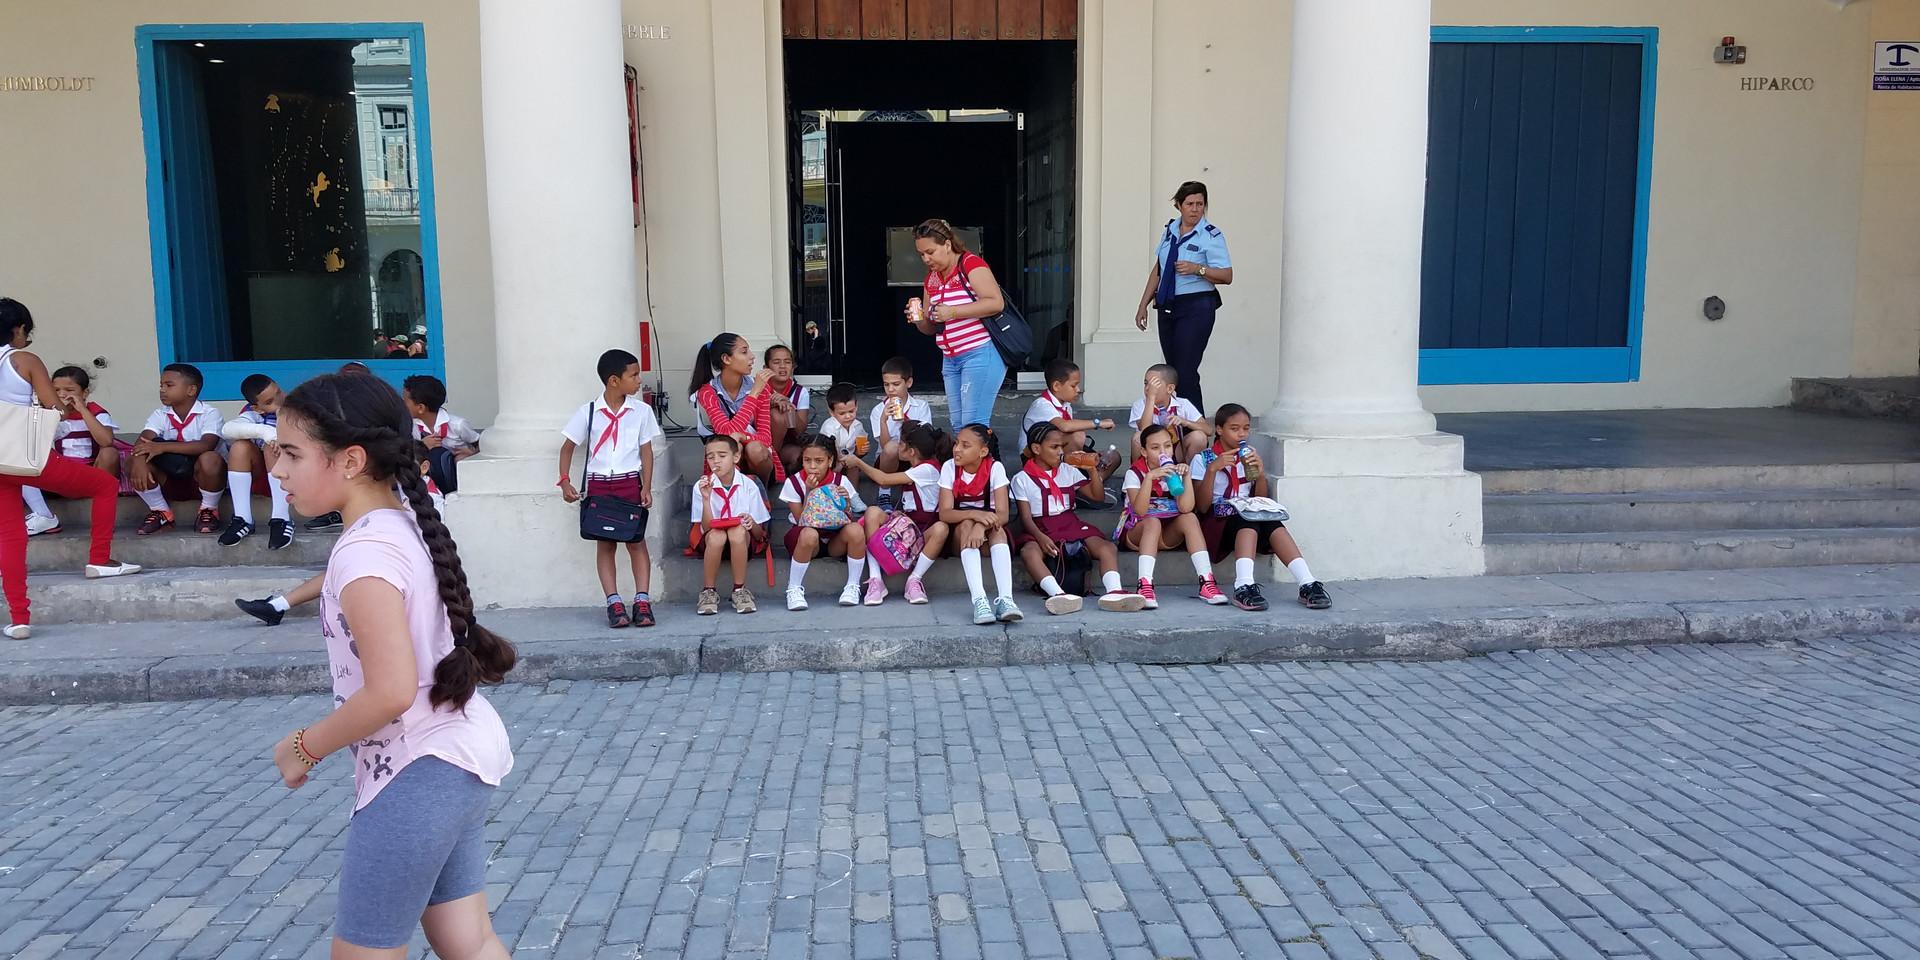 Children in Havana